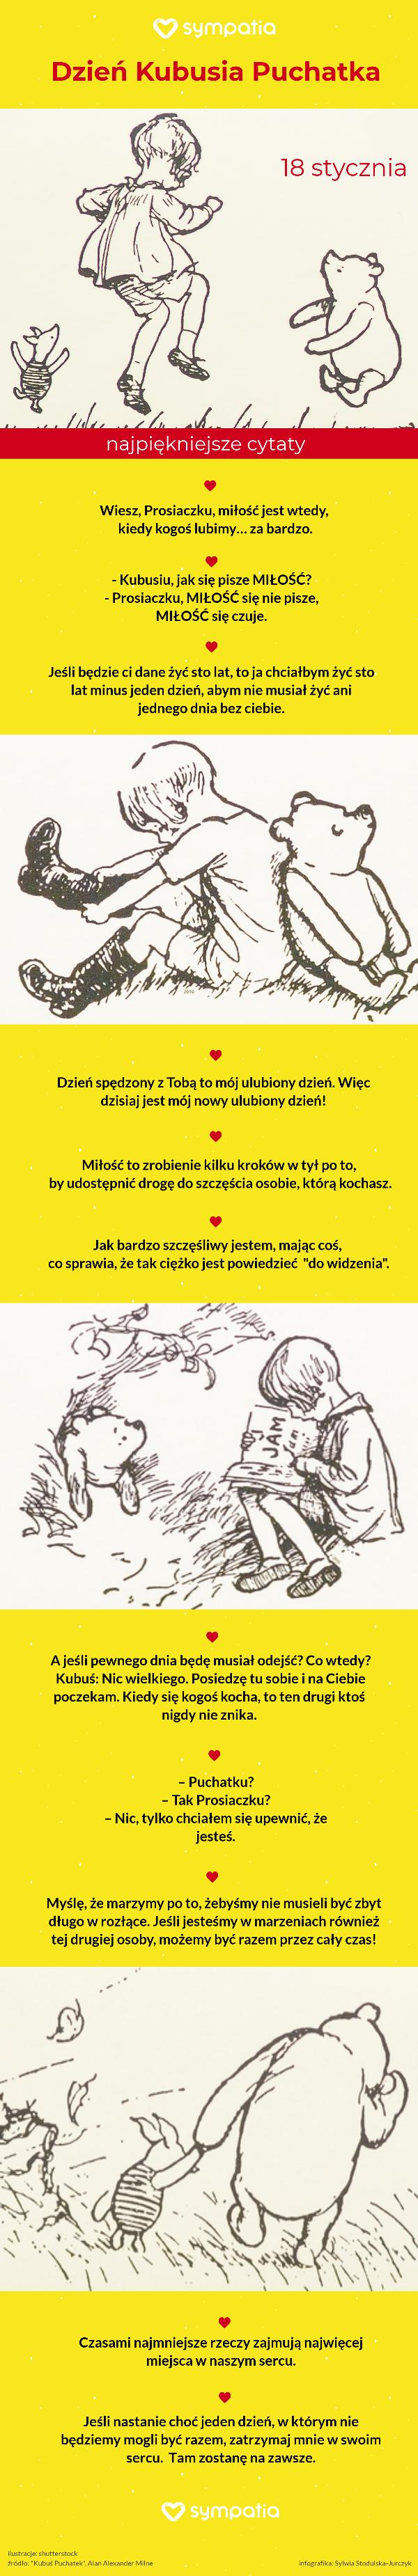 Dzień Kubusia Puchatka Najpiękniejsze Cytaty O Miłości